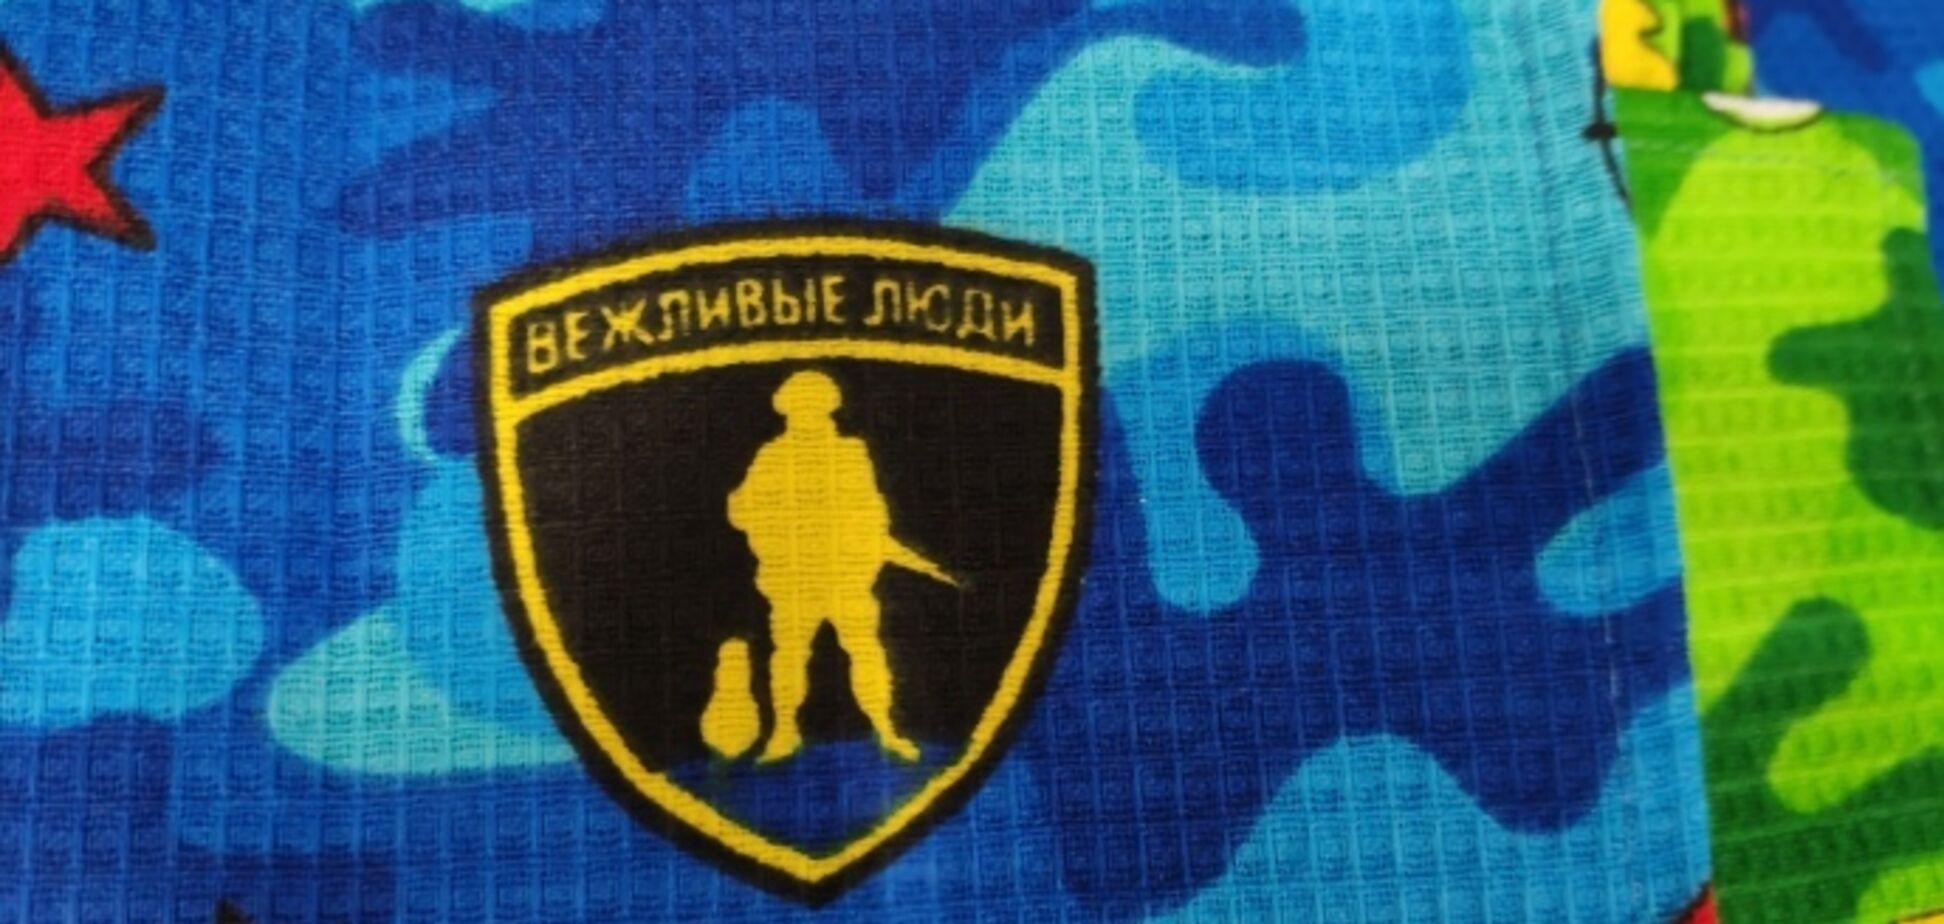 'Мужиків хотів привітати!' У Білорусі розгорівся скандал через 'ввічливих людей'. Фотофакт